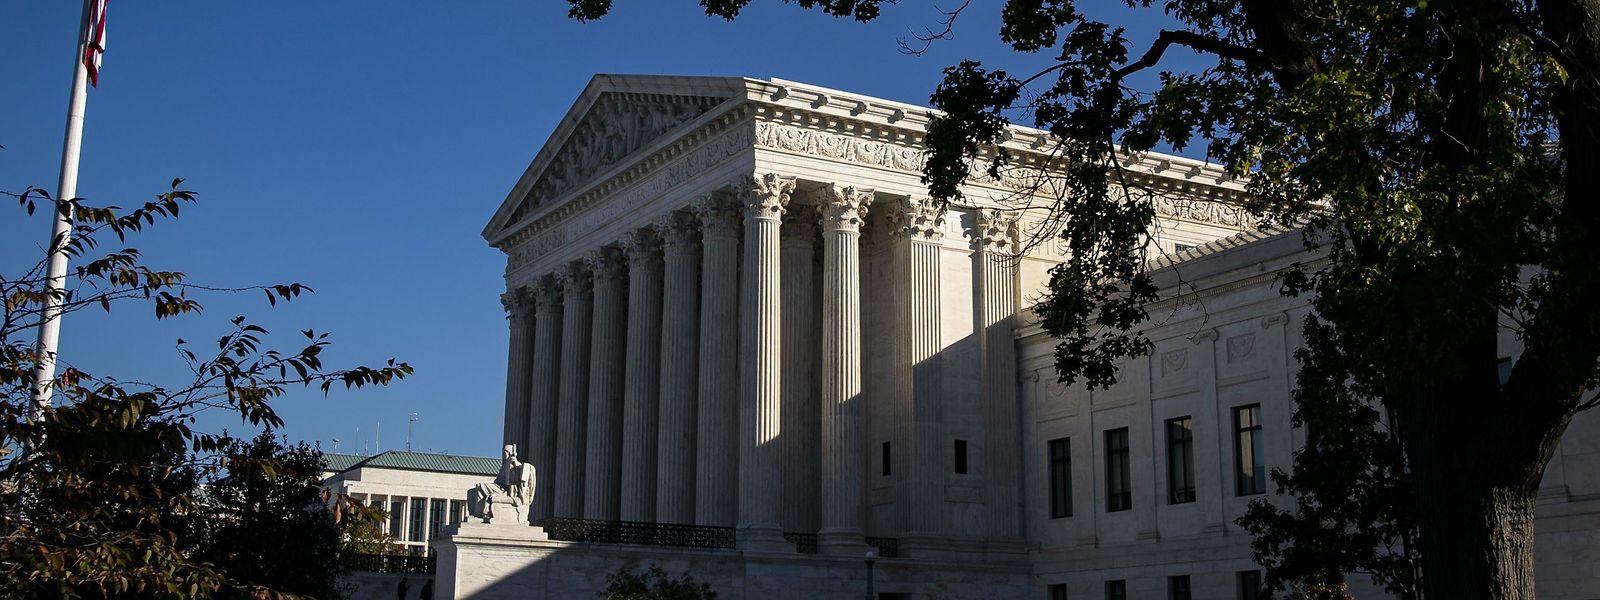 Der Oberste Gerichtshof in Washington.